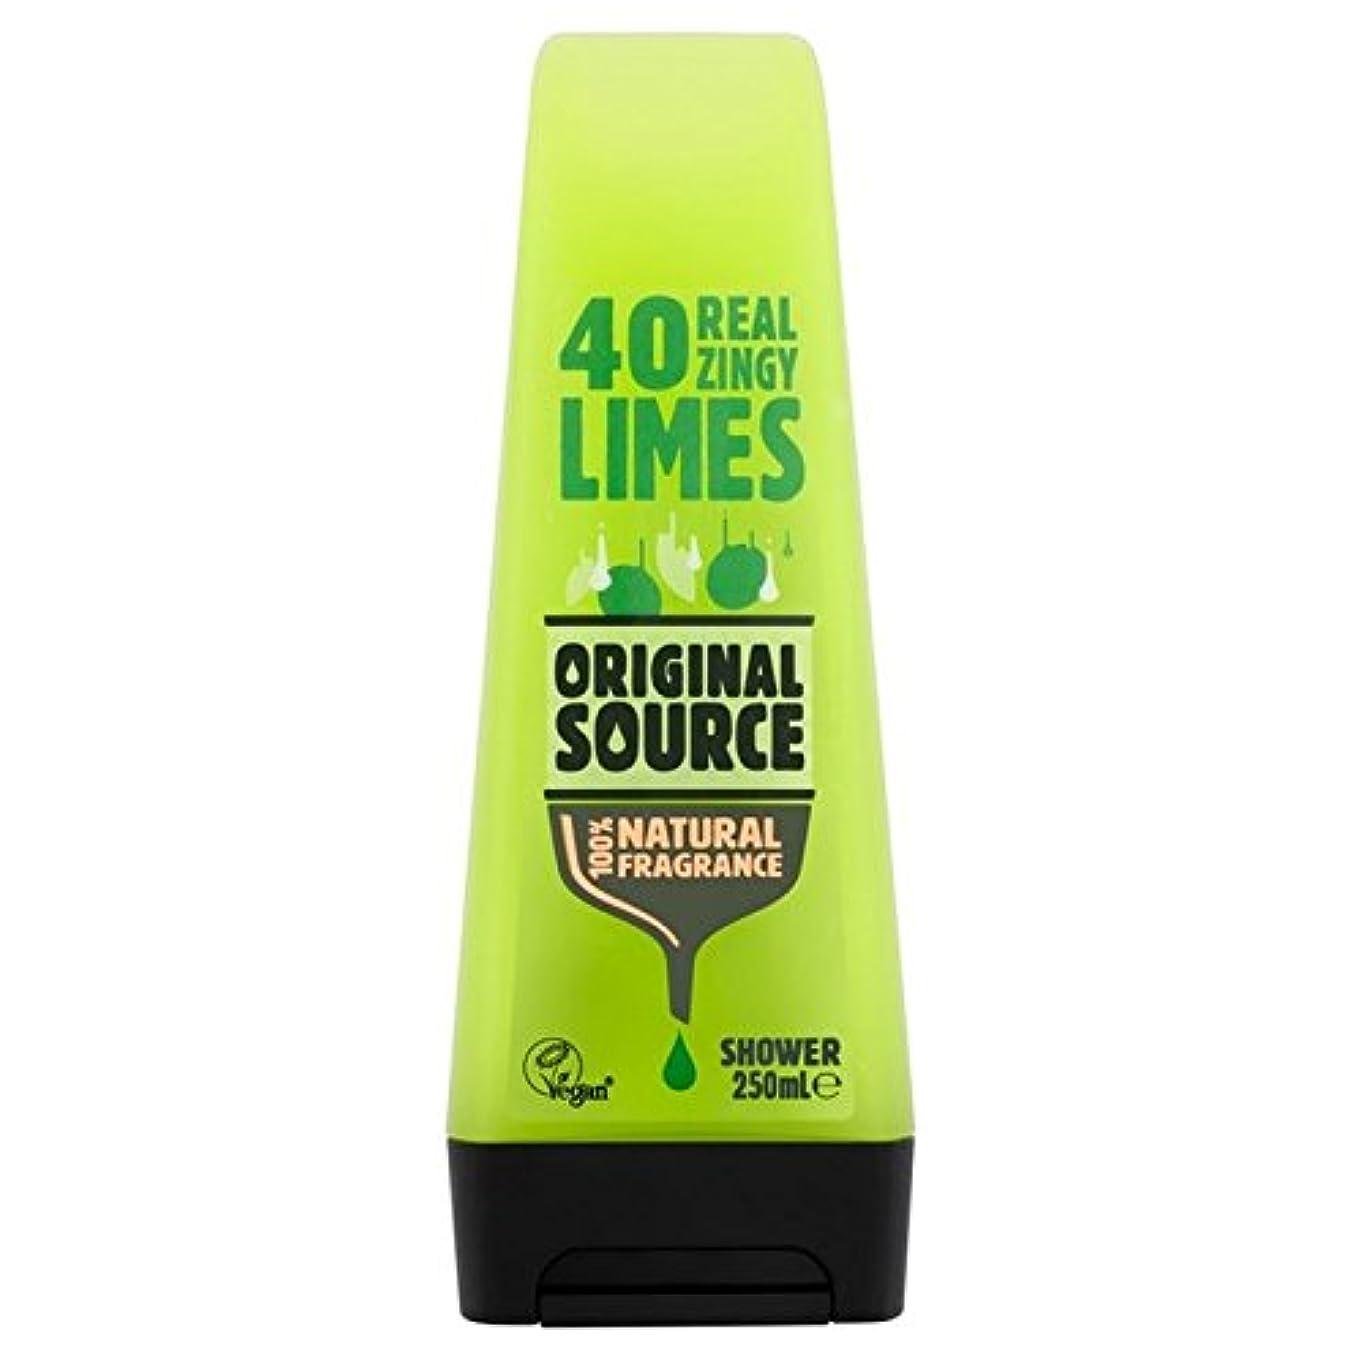 不誠実消去ブラシ元のソースライムシャワージェル250ミリリットル x4 - Original Source Lime Shower Gel 250ml (Pack of 4) [並行輸入品]